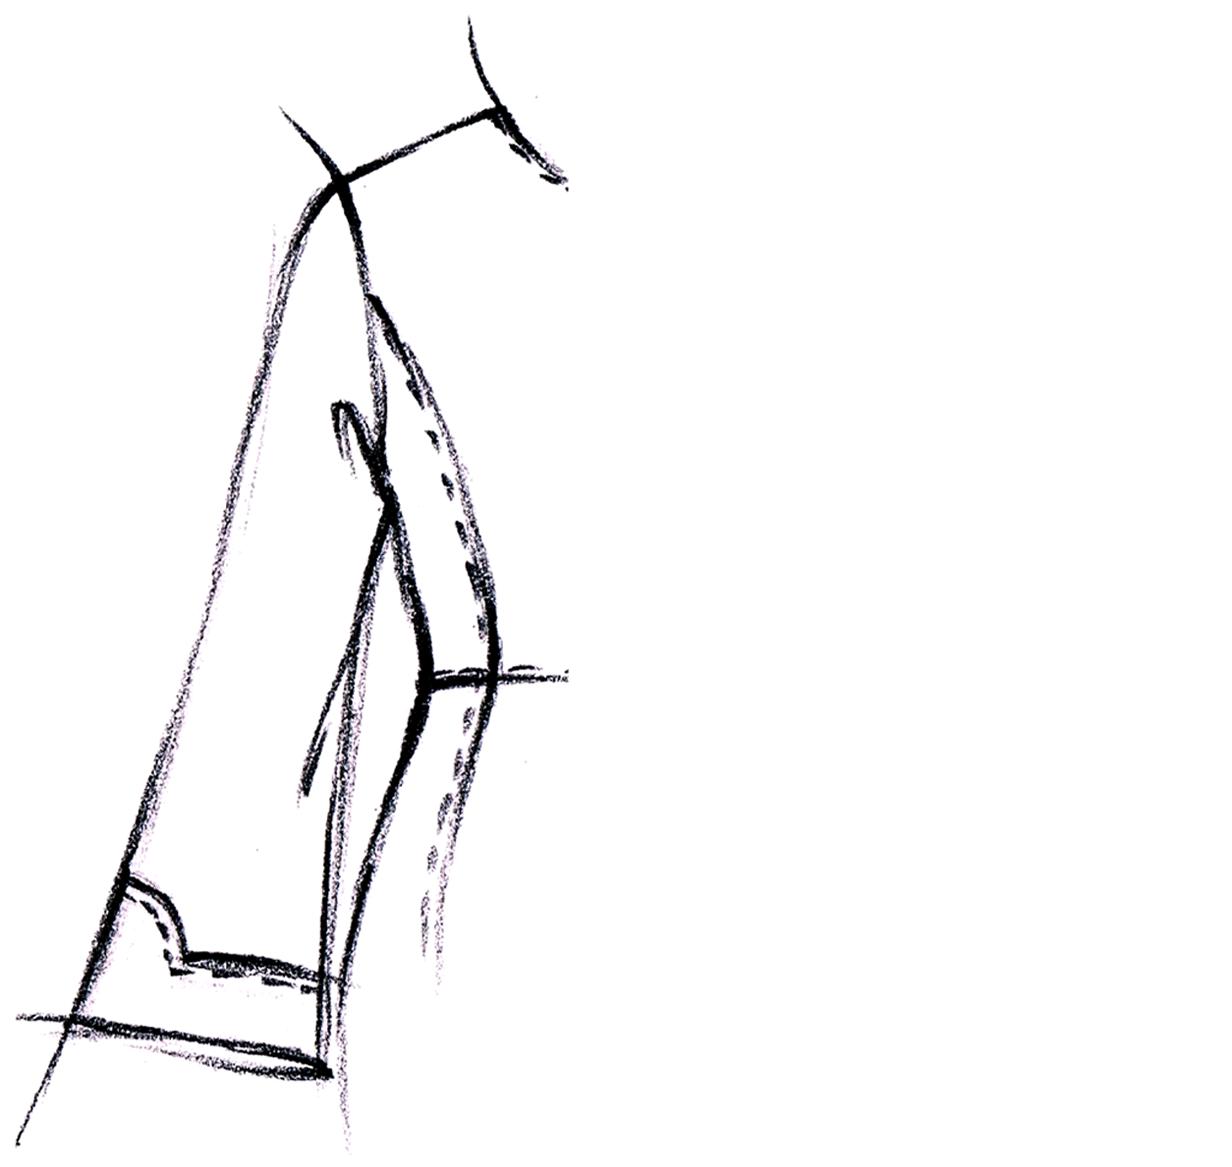 Zu sehen ist die Modellzeichnung eines Ärmels, der als Vorlage dient für die Schnitt-Technik.